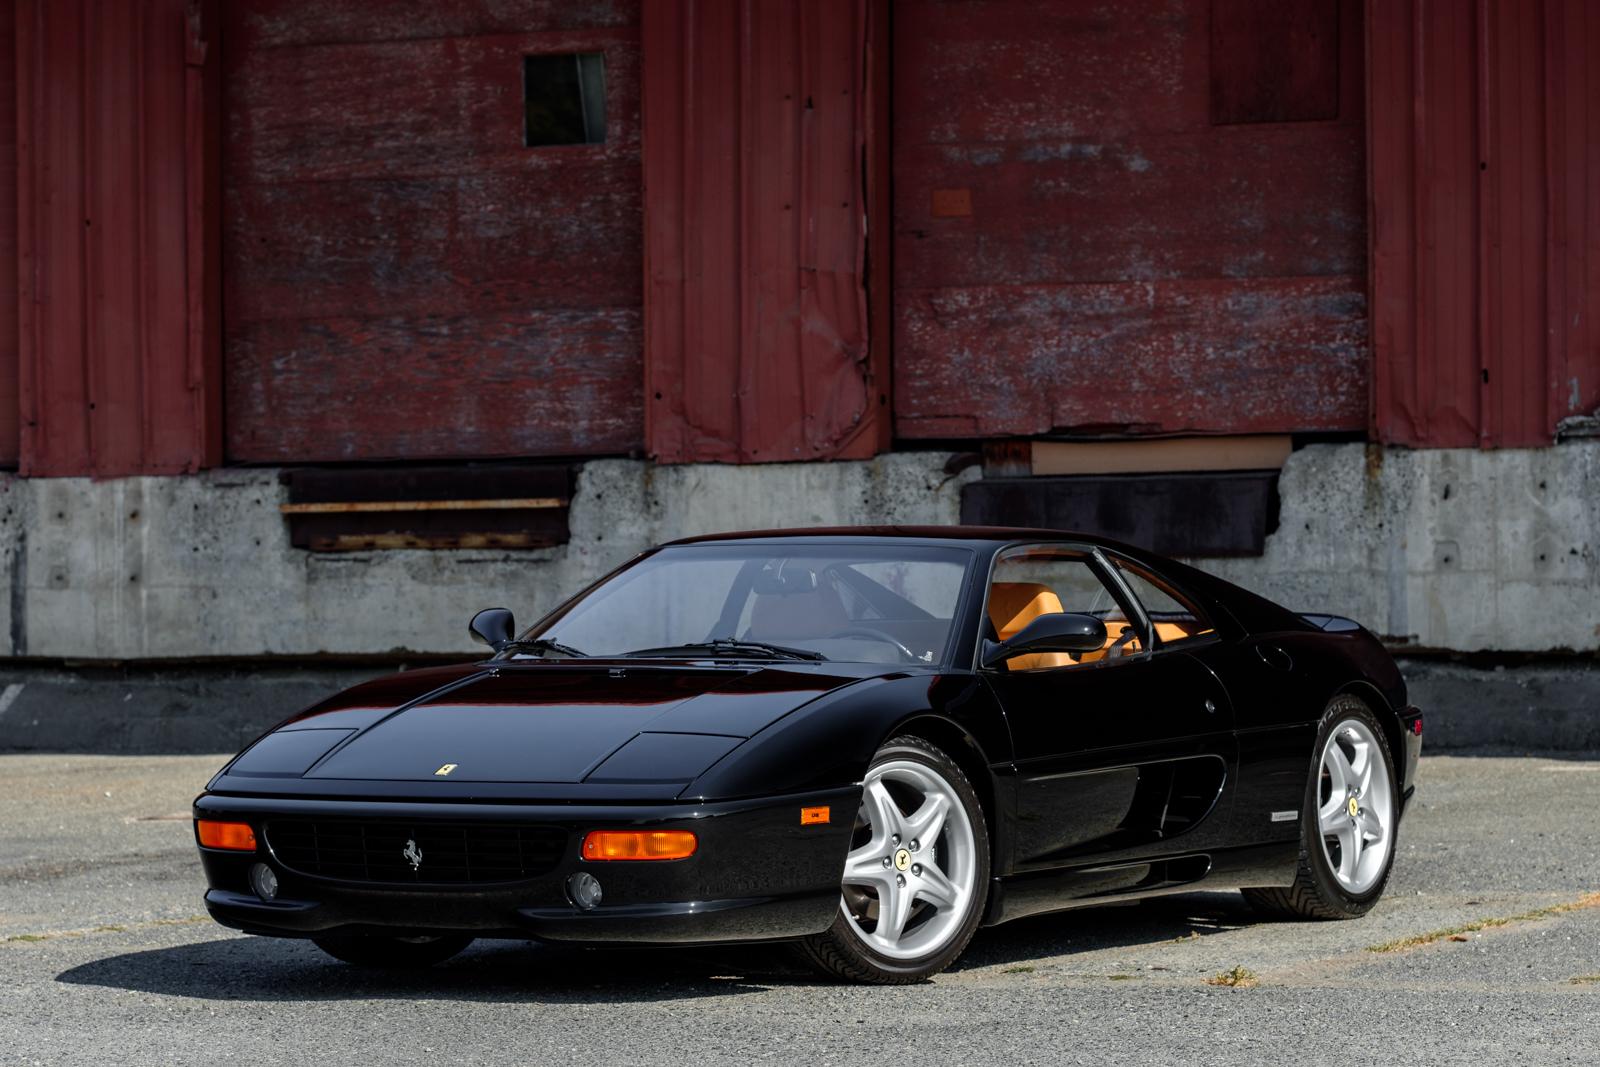 2e688b723c802 1998 Ferrari 355 Berlinetta F1 - Silver Arrow Cars Ltd.